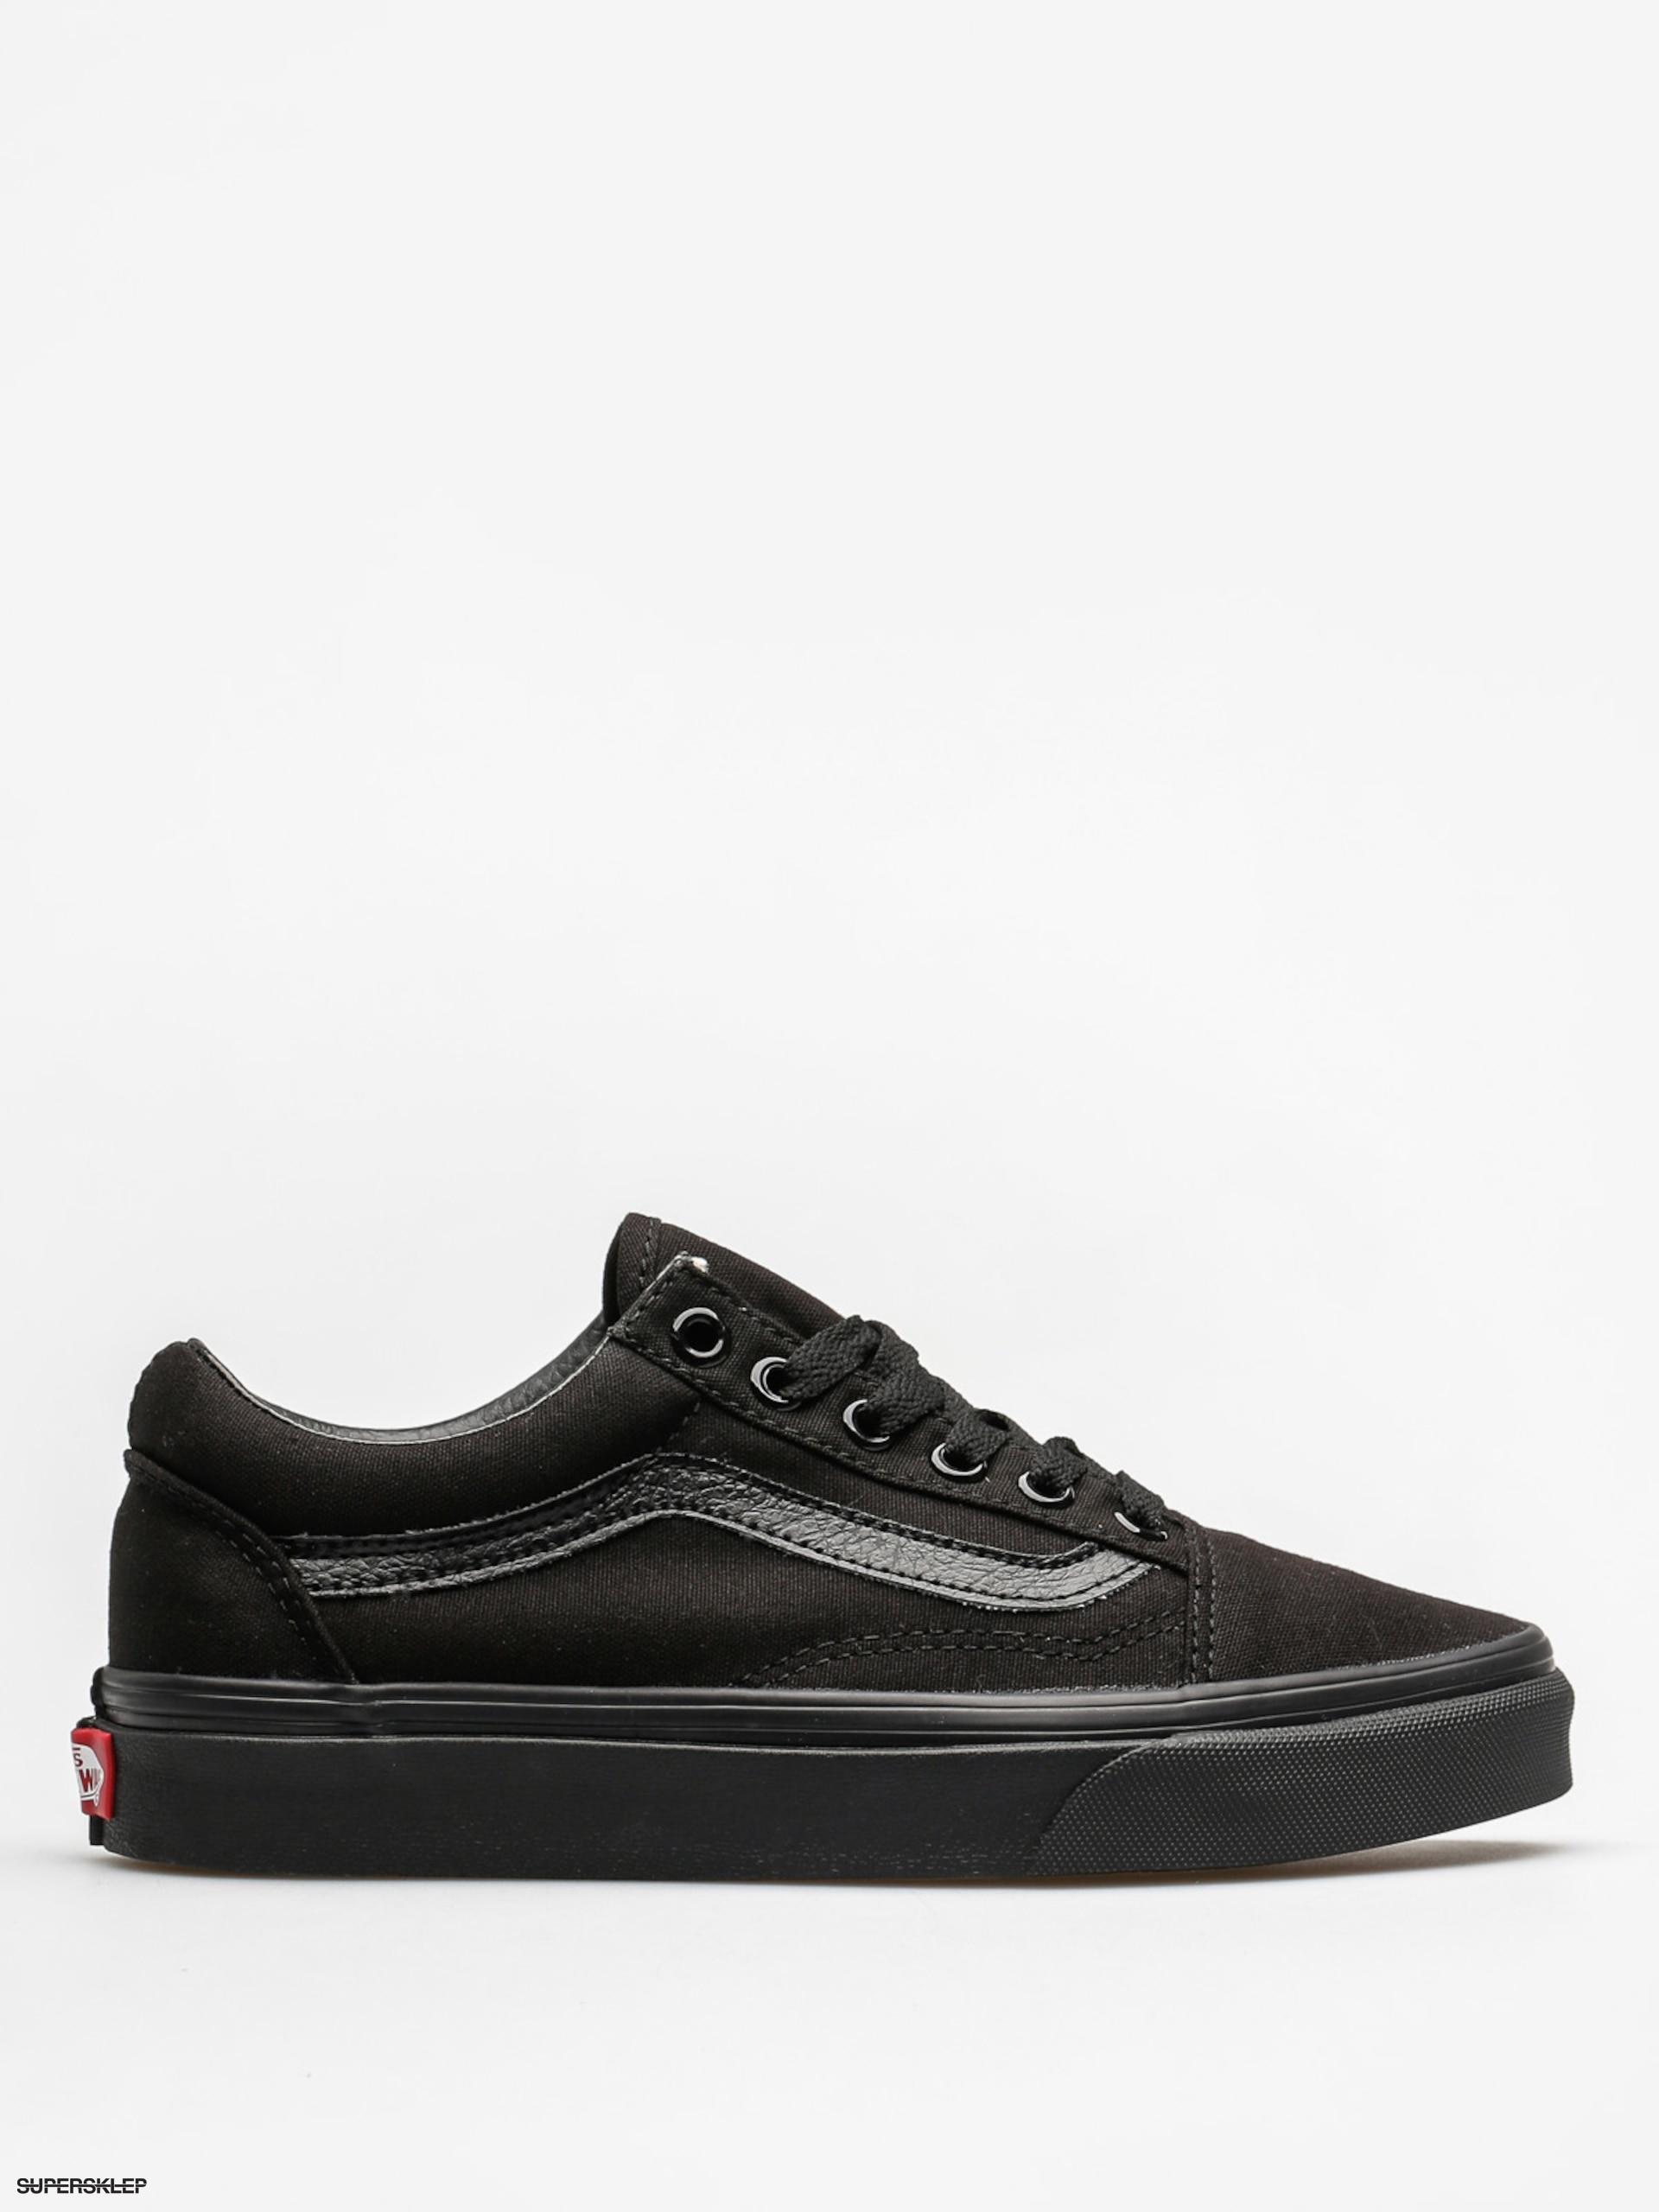 af08e9808ab7a Buty Vans Old Skool (black/black)